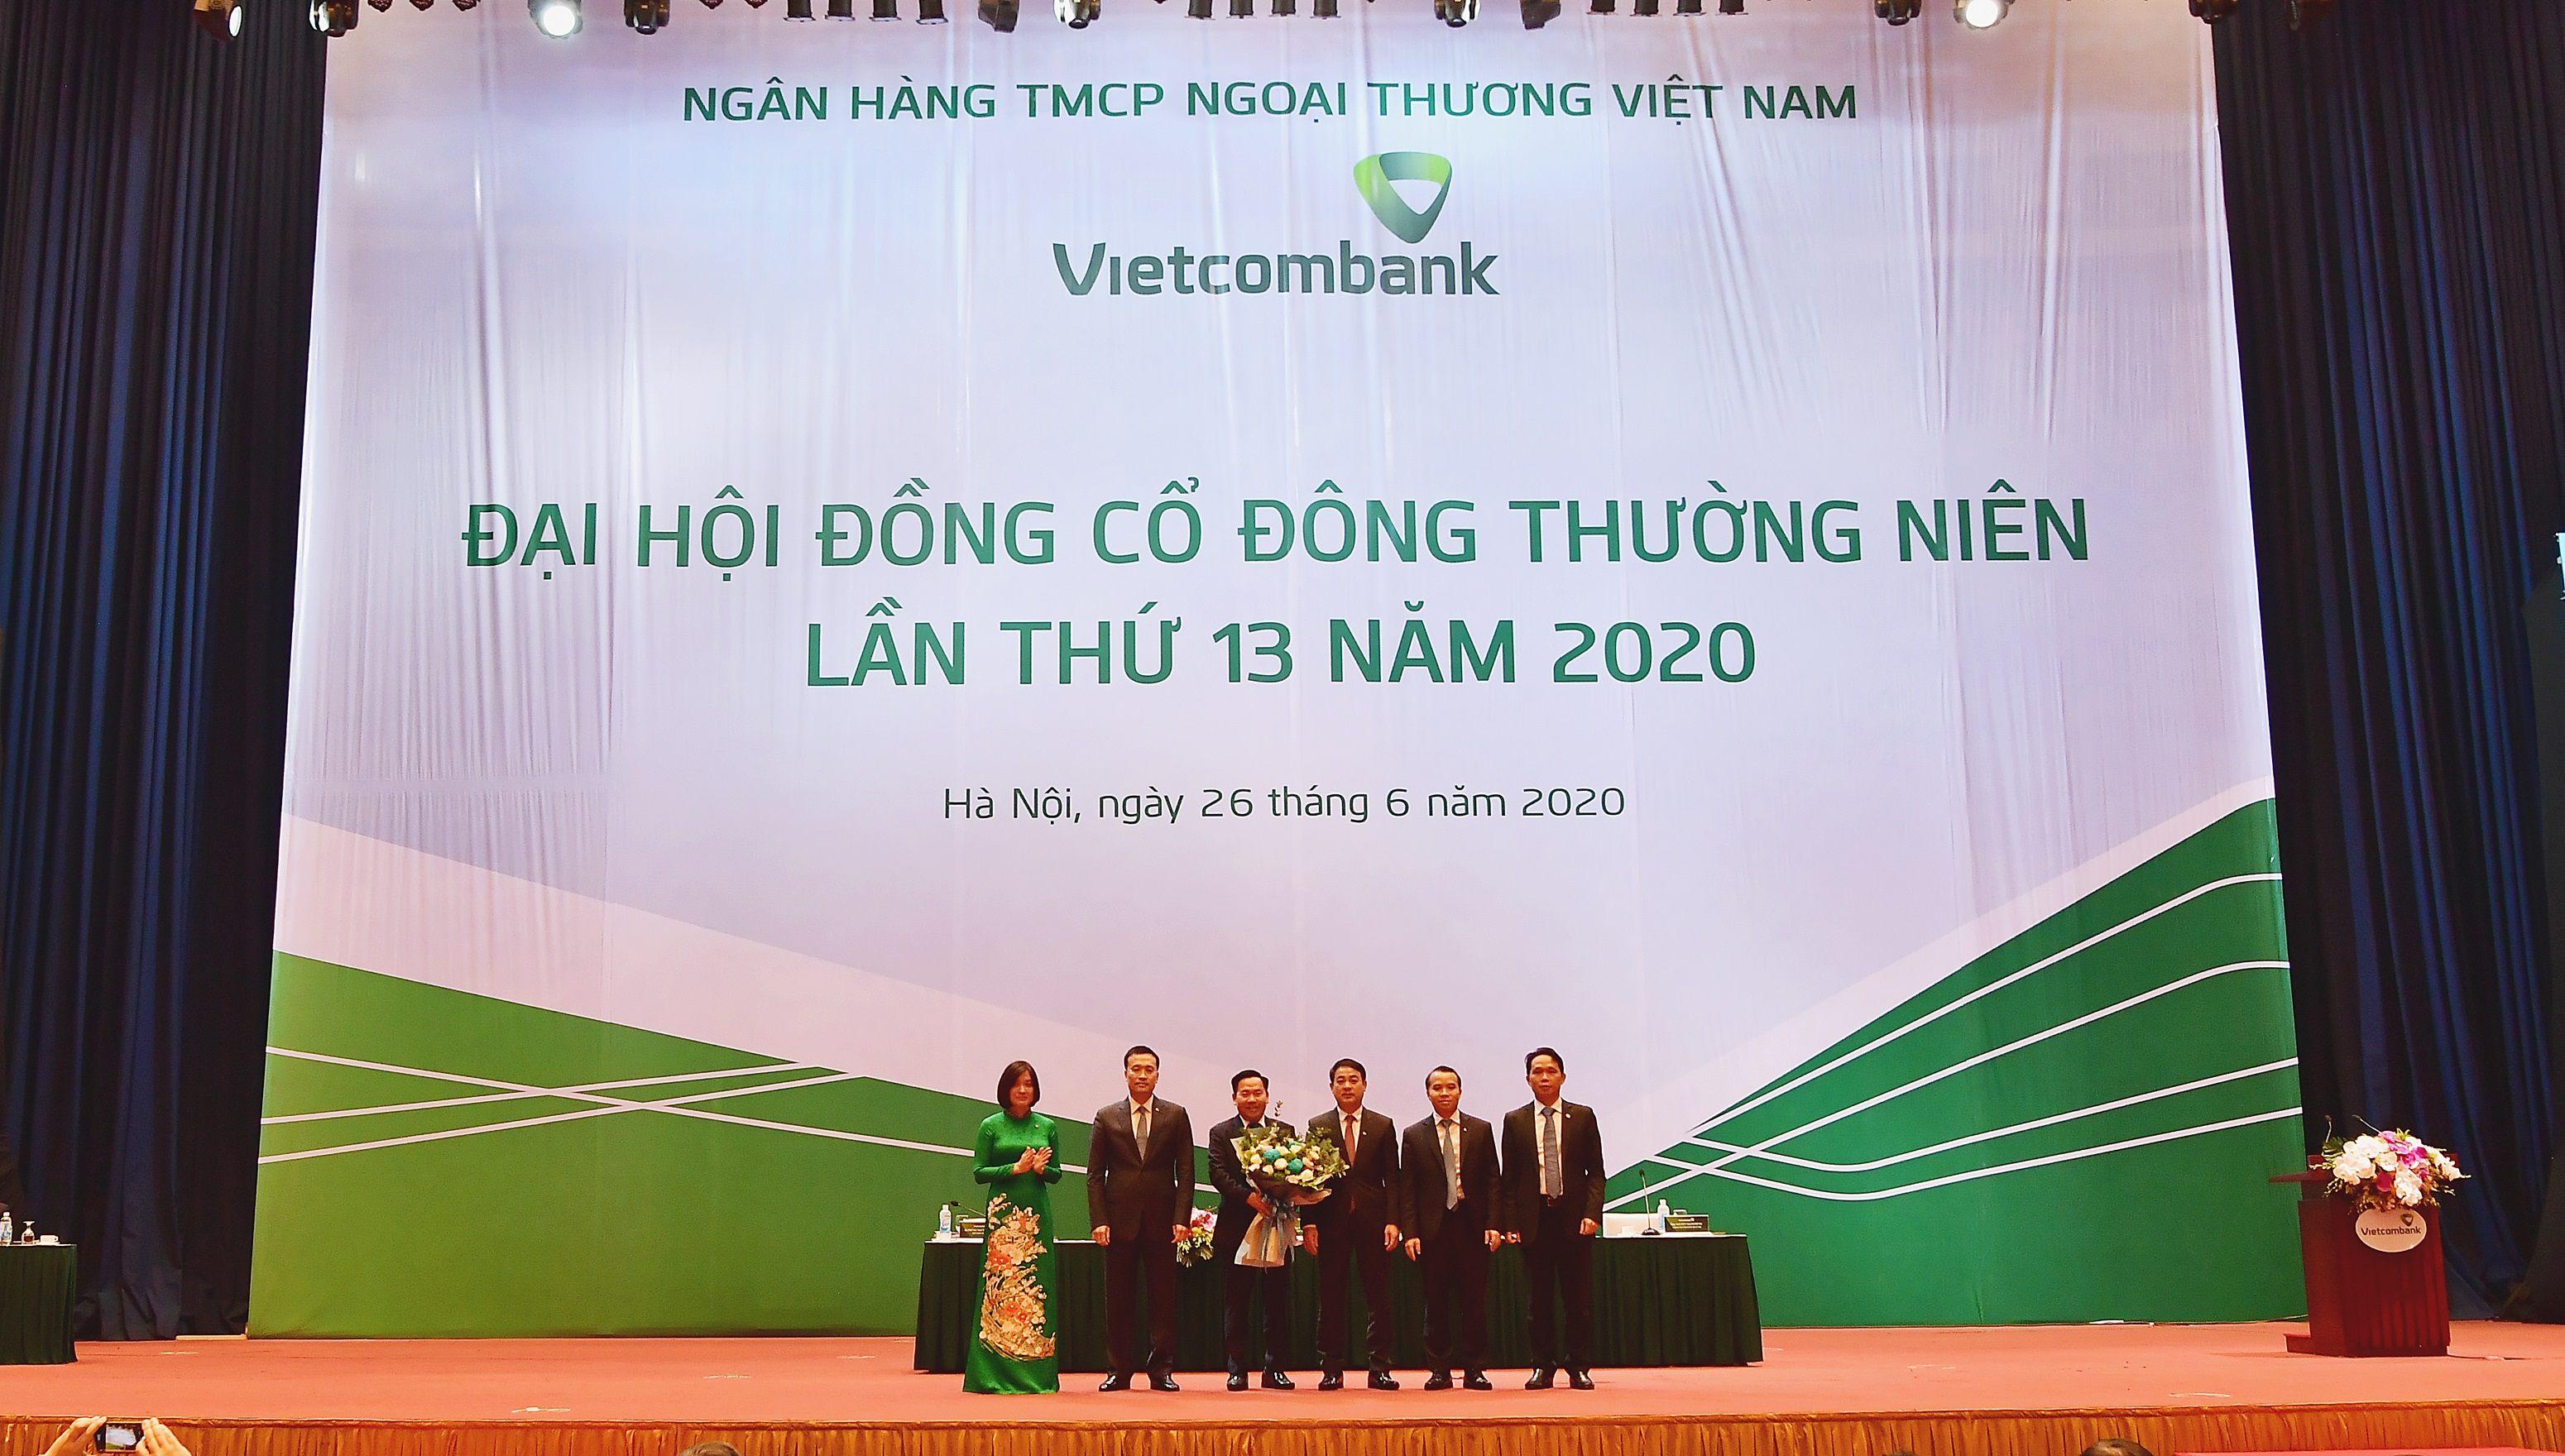 Vietcombank tổ chức Đại hội đồng cổ đông thường niên lần thứ 13